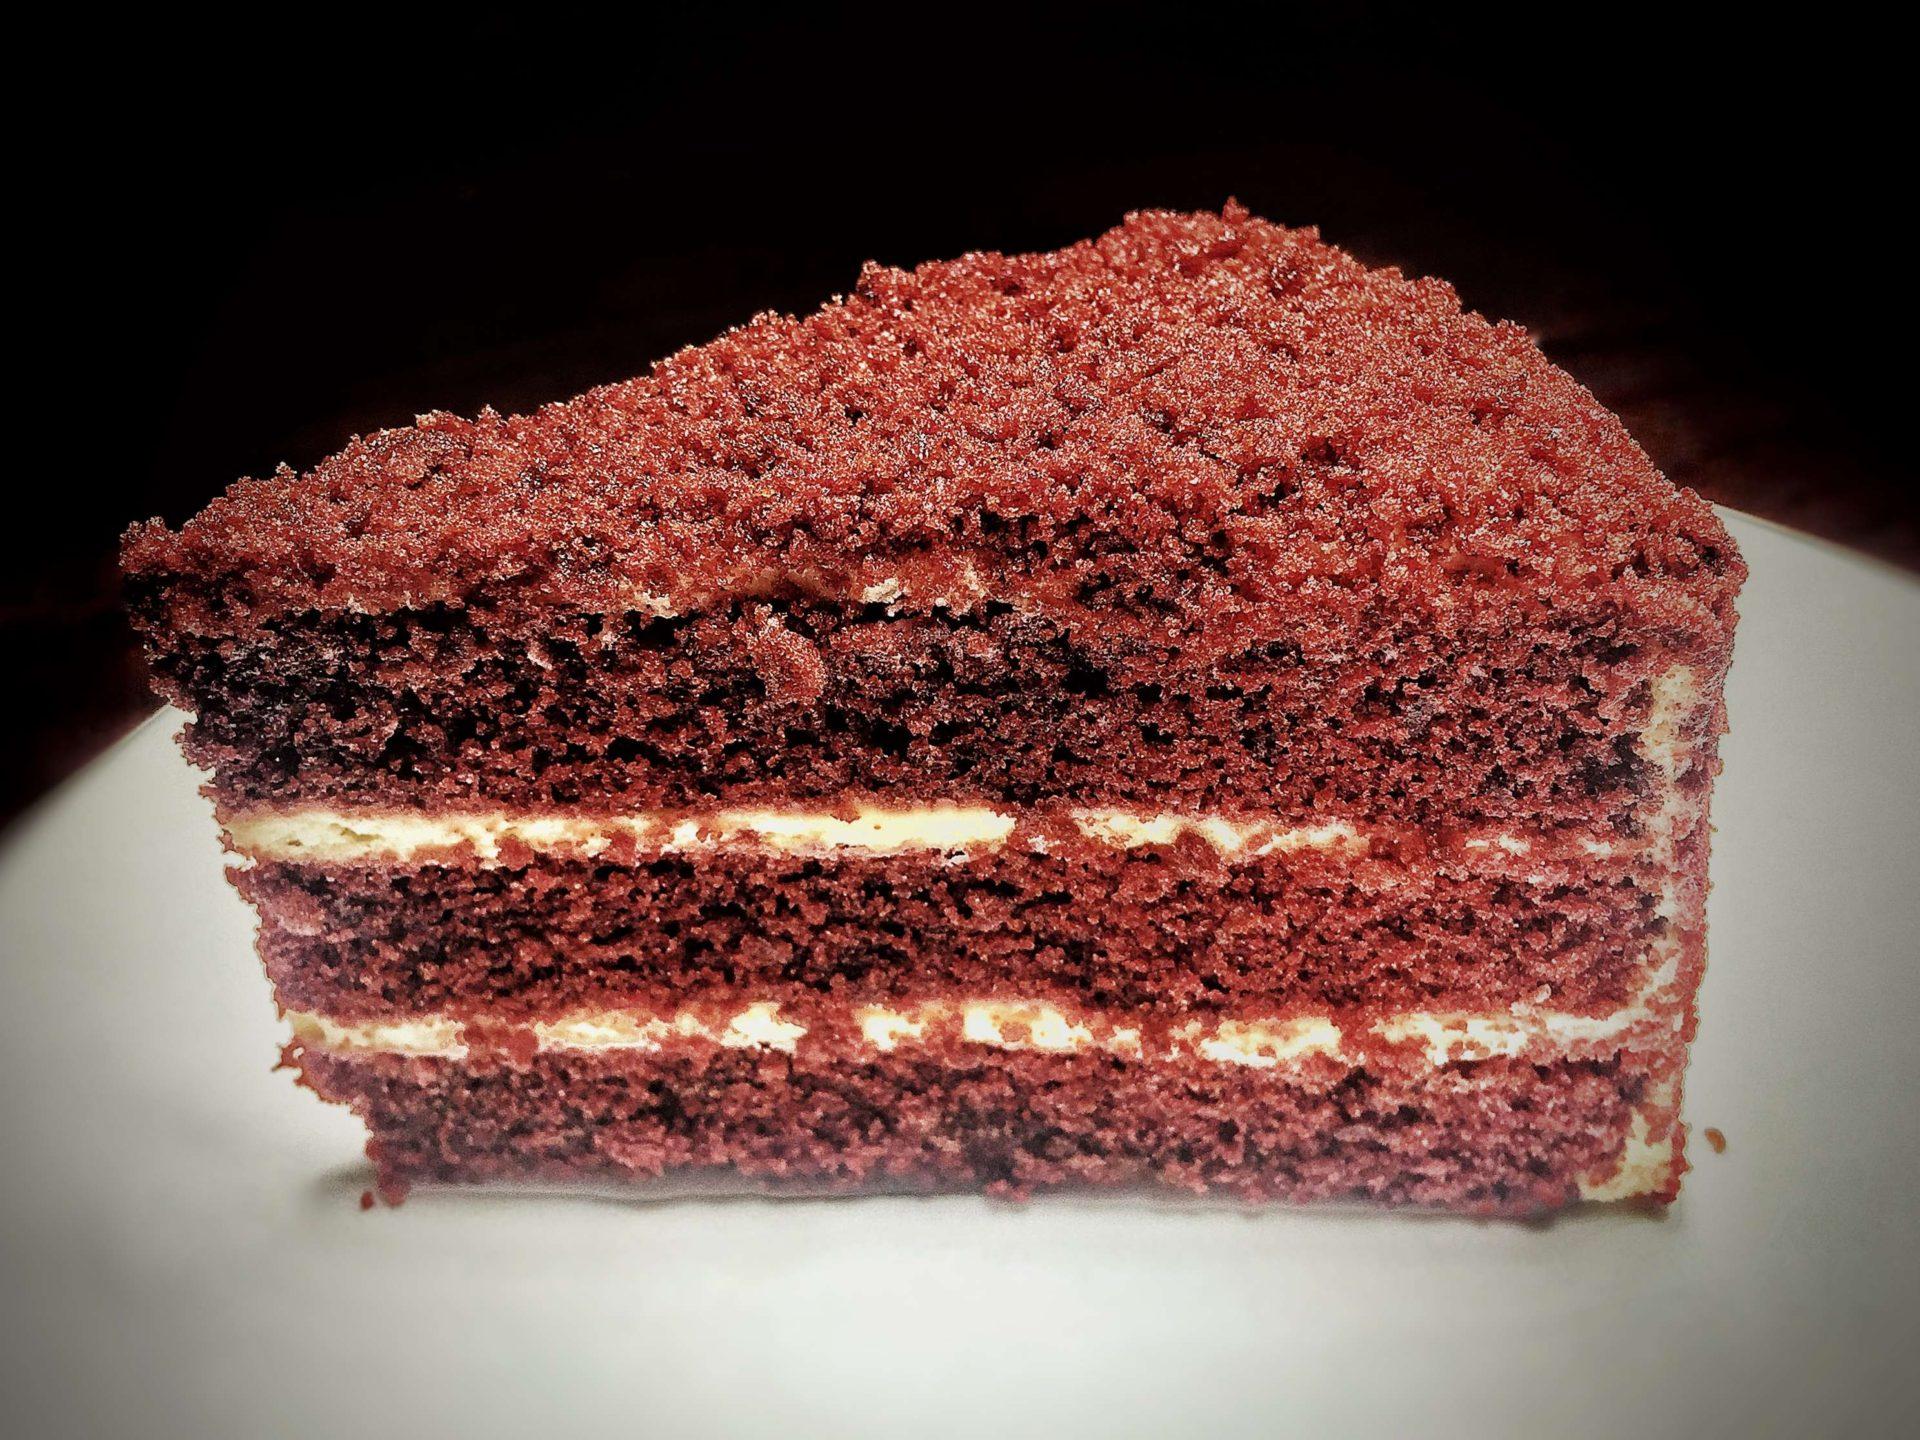 Bakery Story Red Velvet Cake